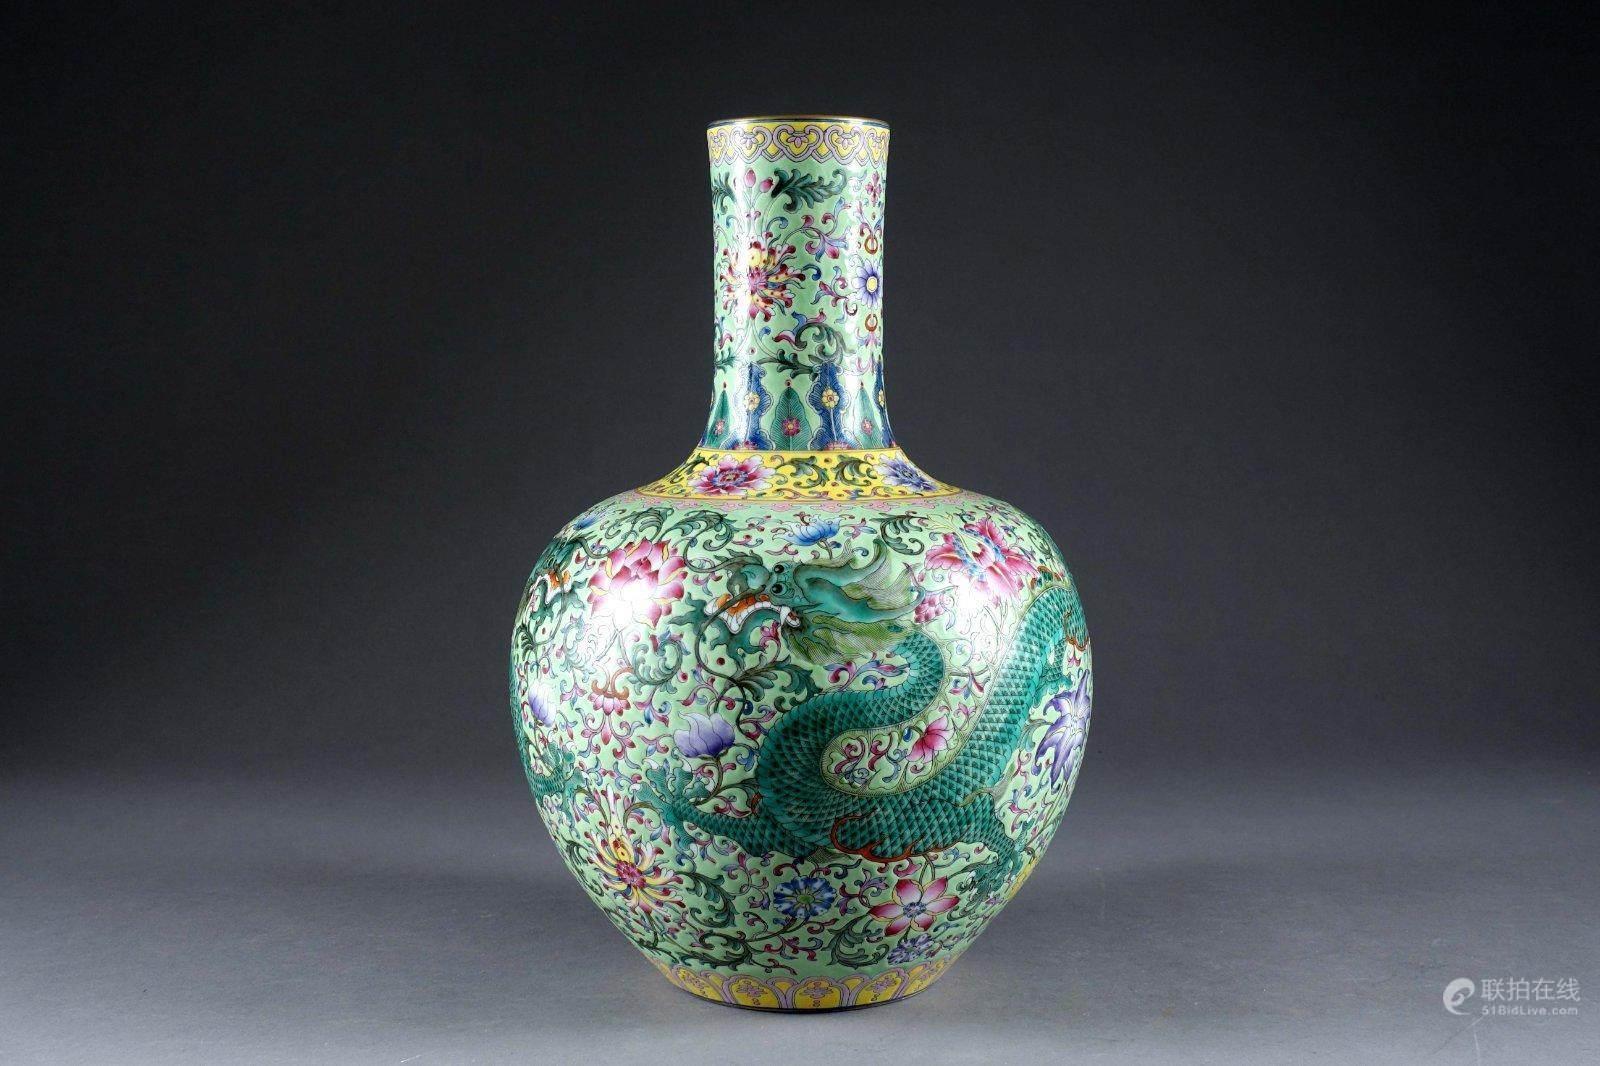 粉彩龙纹天球瓶